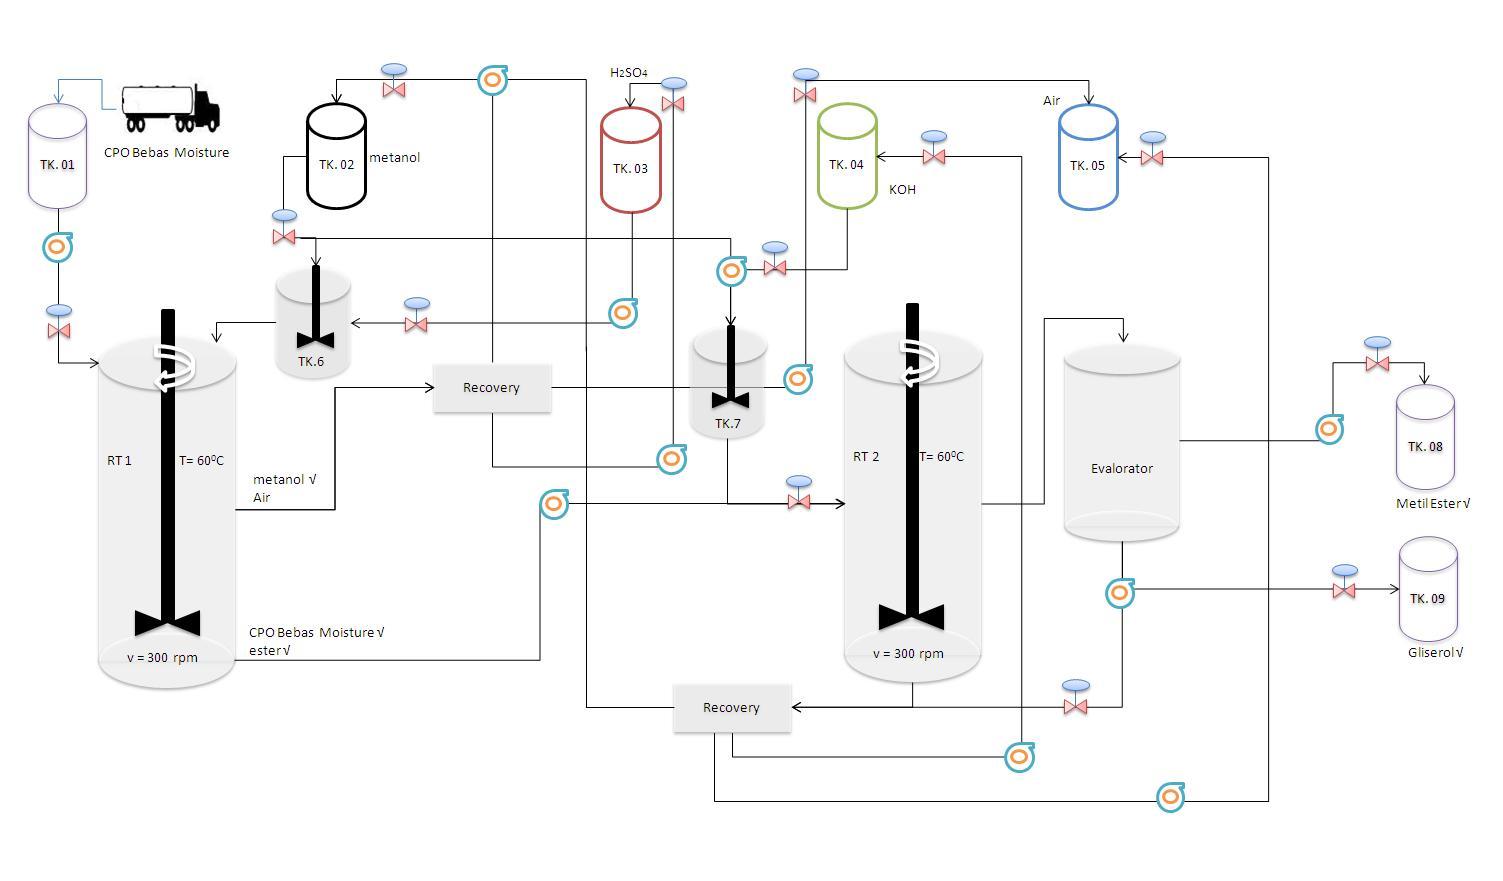 Diagram alir pembuatan biodiesel faisal tahdid benabdas blog deskripsi proses diagram alir pembuatan biodiesel ccuart Gallery